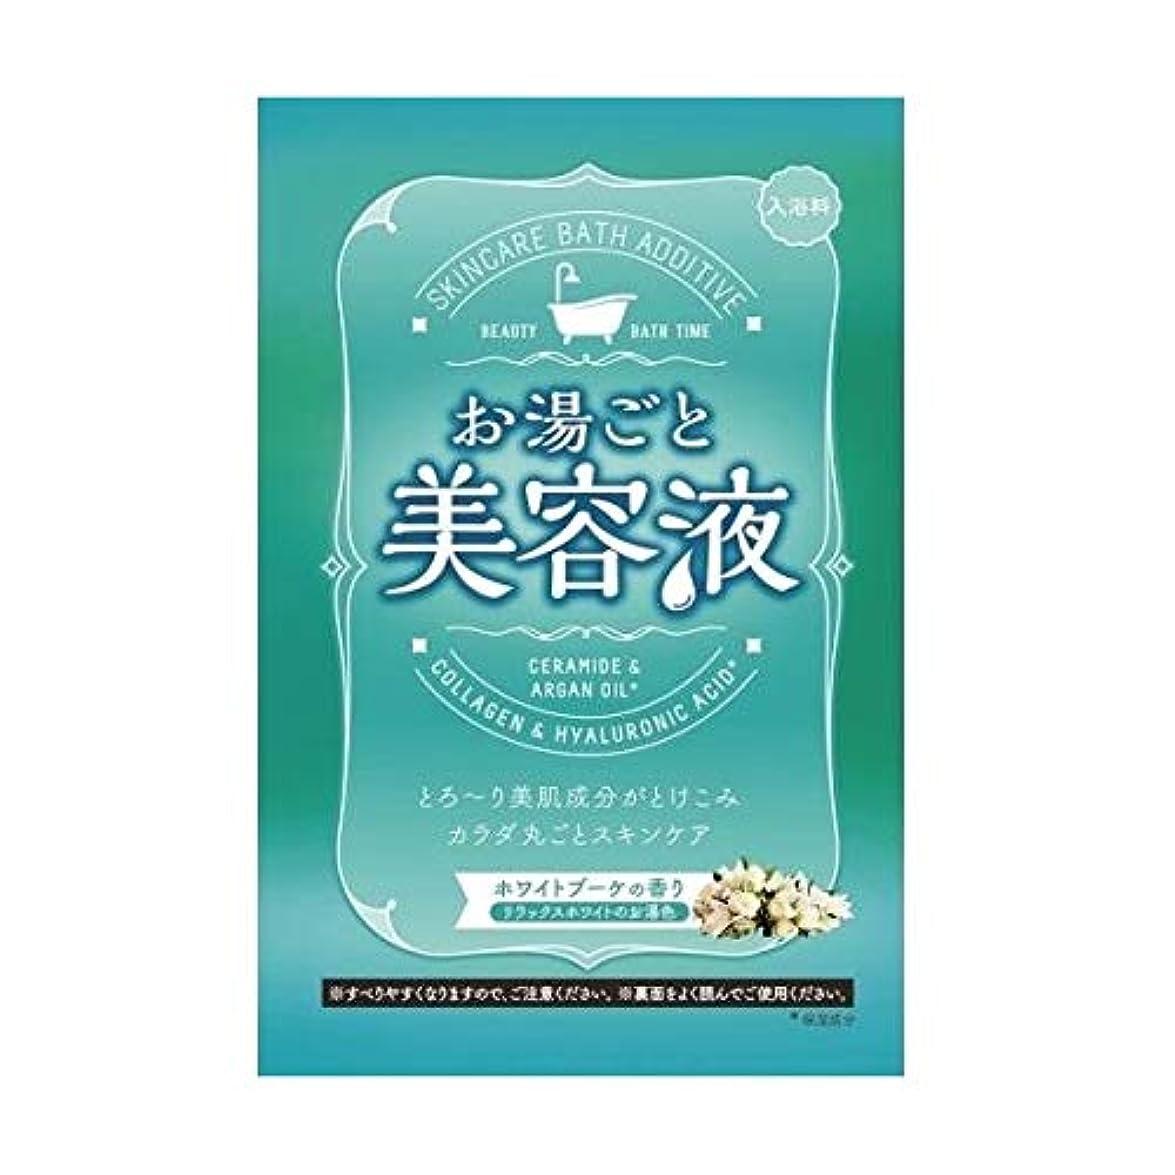 ホールドオール採用モニターお湯ごと美容液 ホワイトブーケの香り 60g